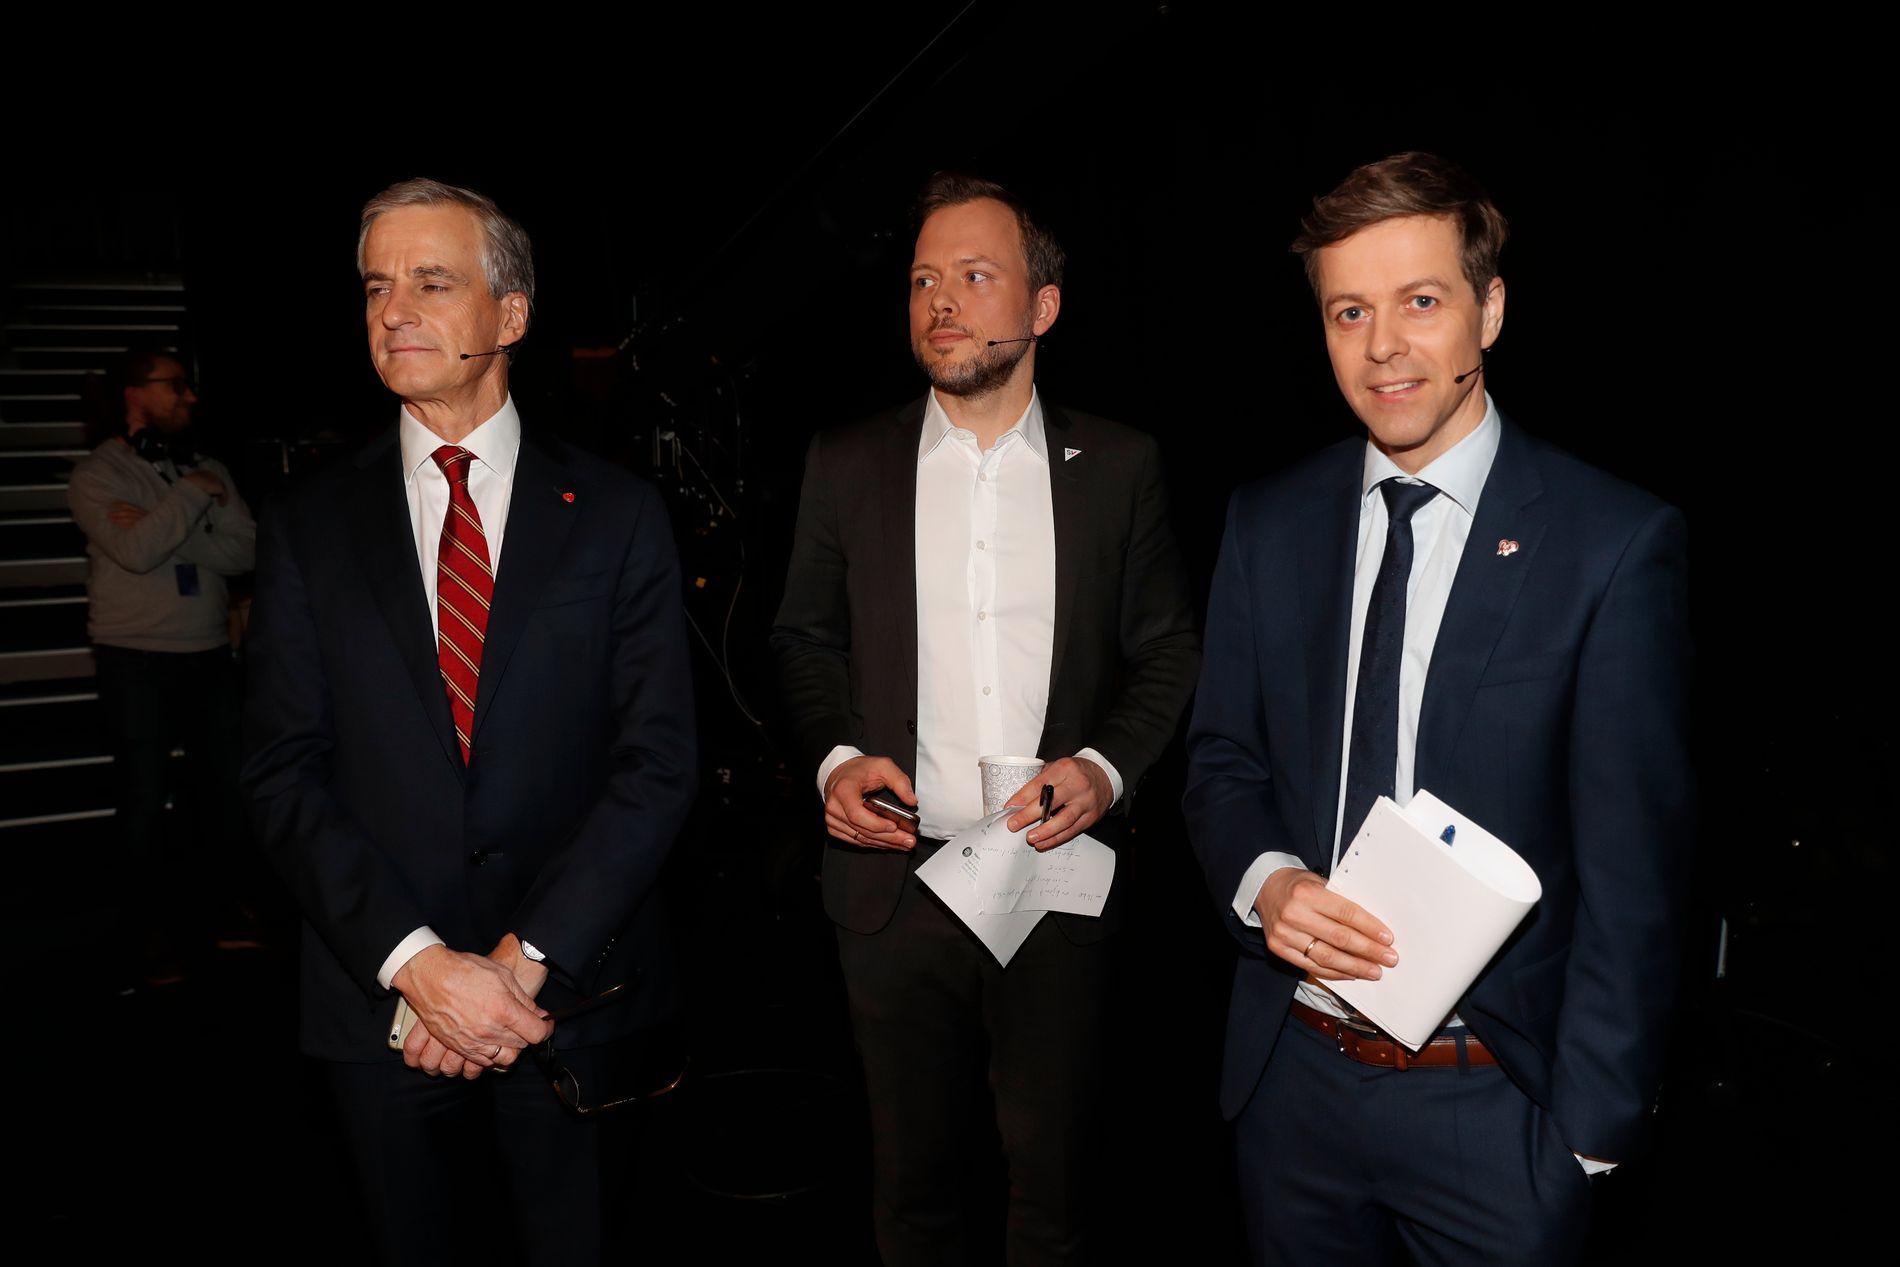 BLITT GODT KJENT: Ap-leder Jonas Gahr Støre, SV-leder Audun Lysbakken og KrF-leder Knut Arild Hareide. Her fotografert sammen i forbindelse med en debatt i NRK i mars i år.